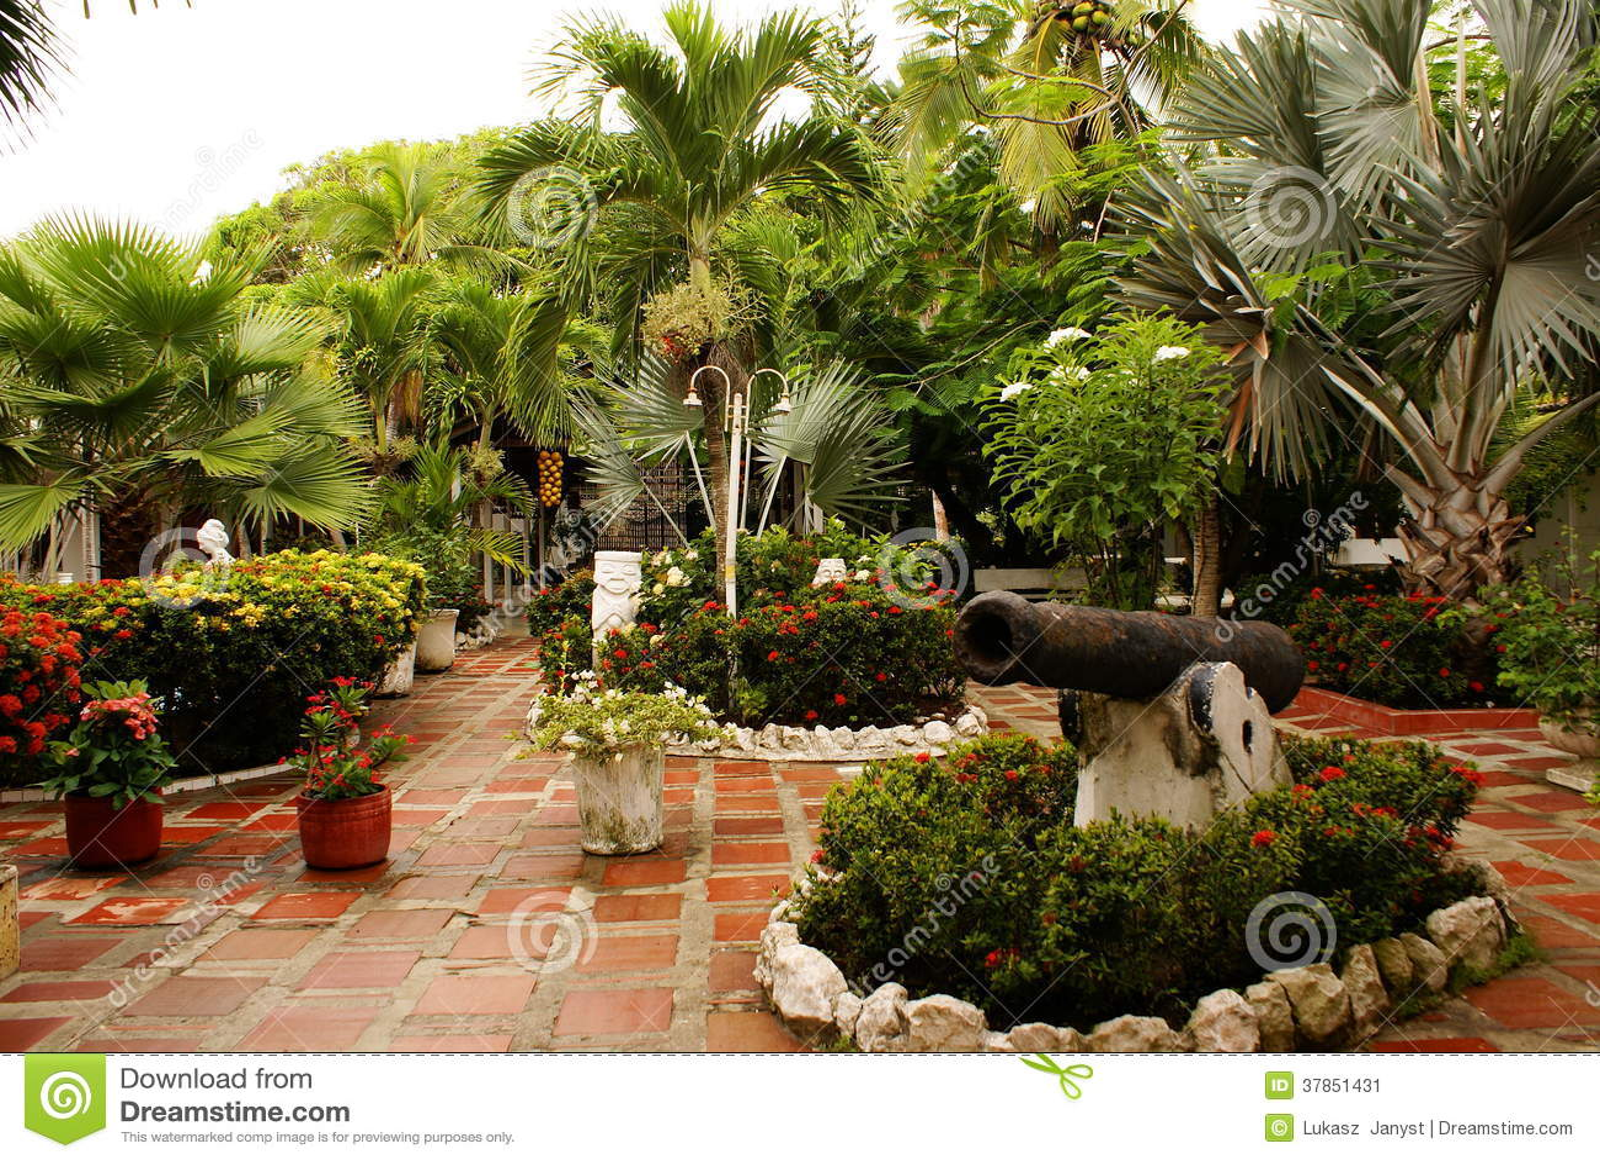 Opini n con los rboles patio del jard n en el centro for El jardin de verano